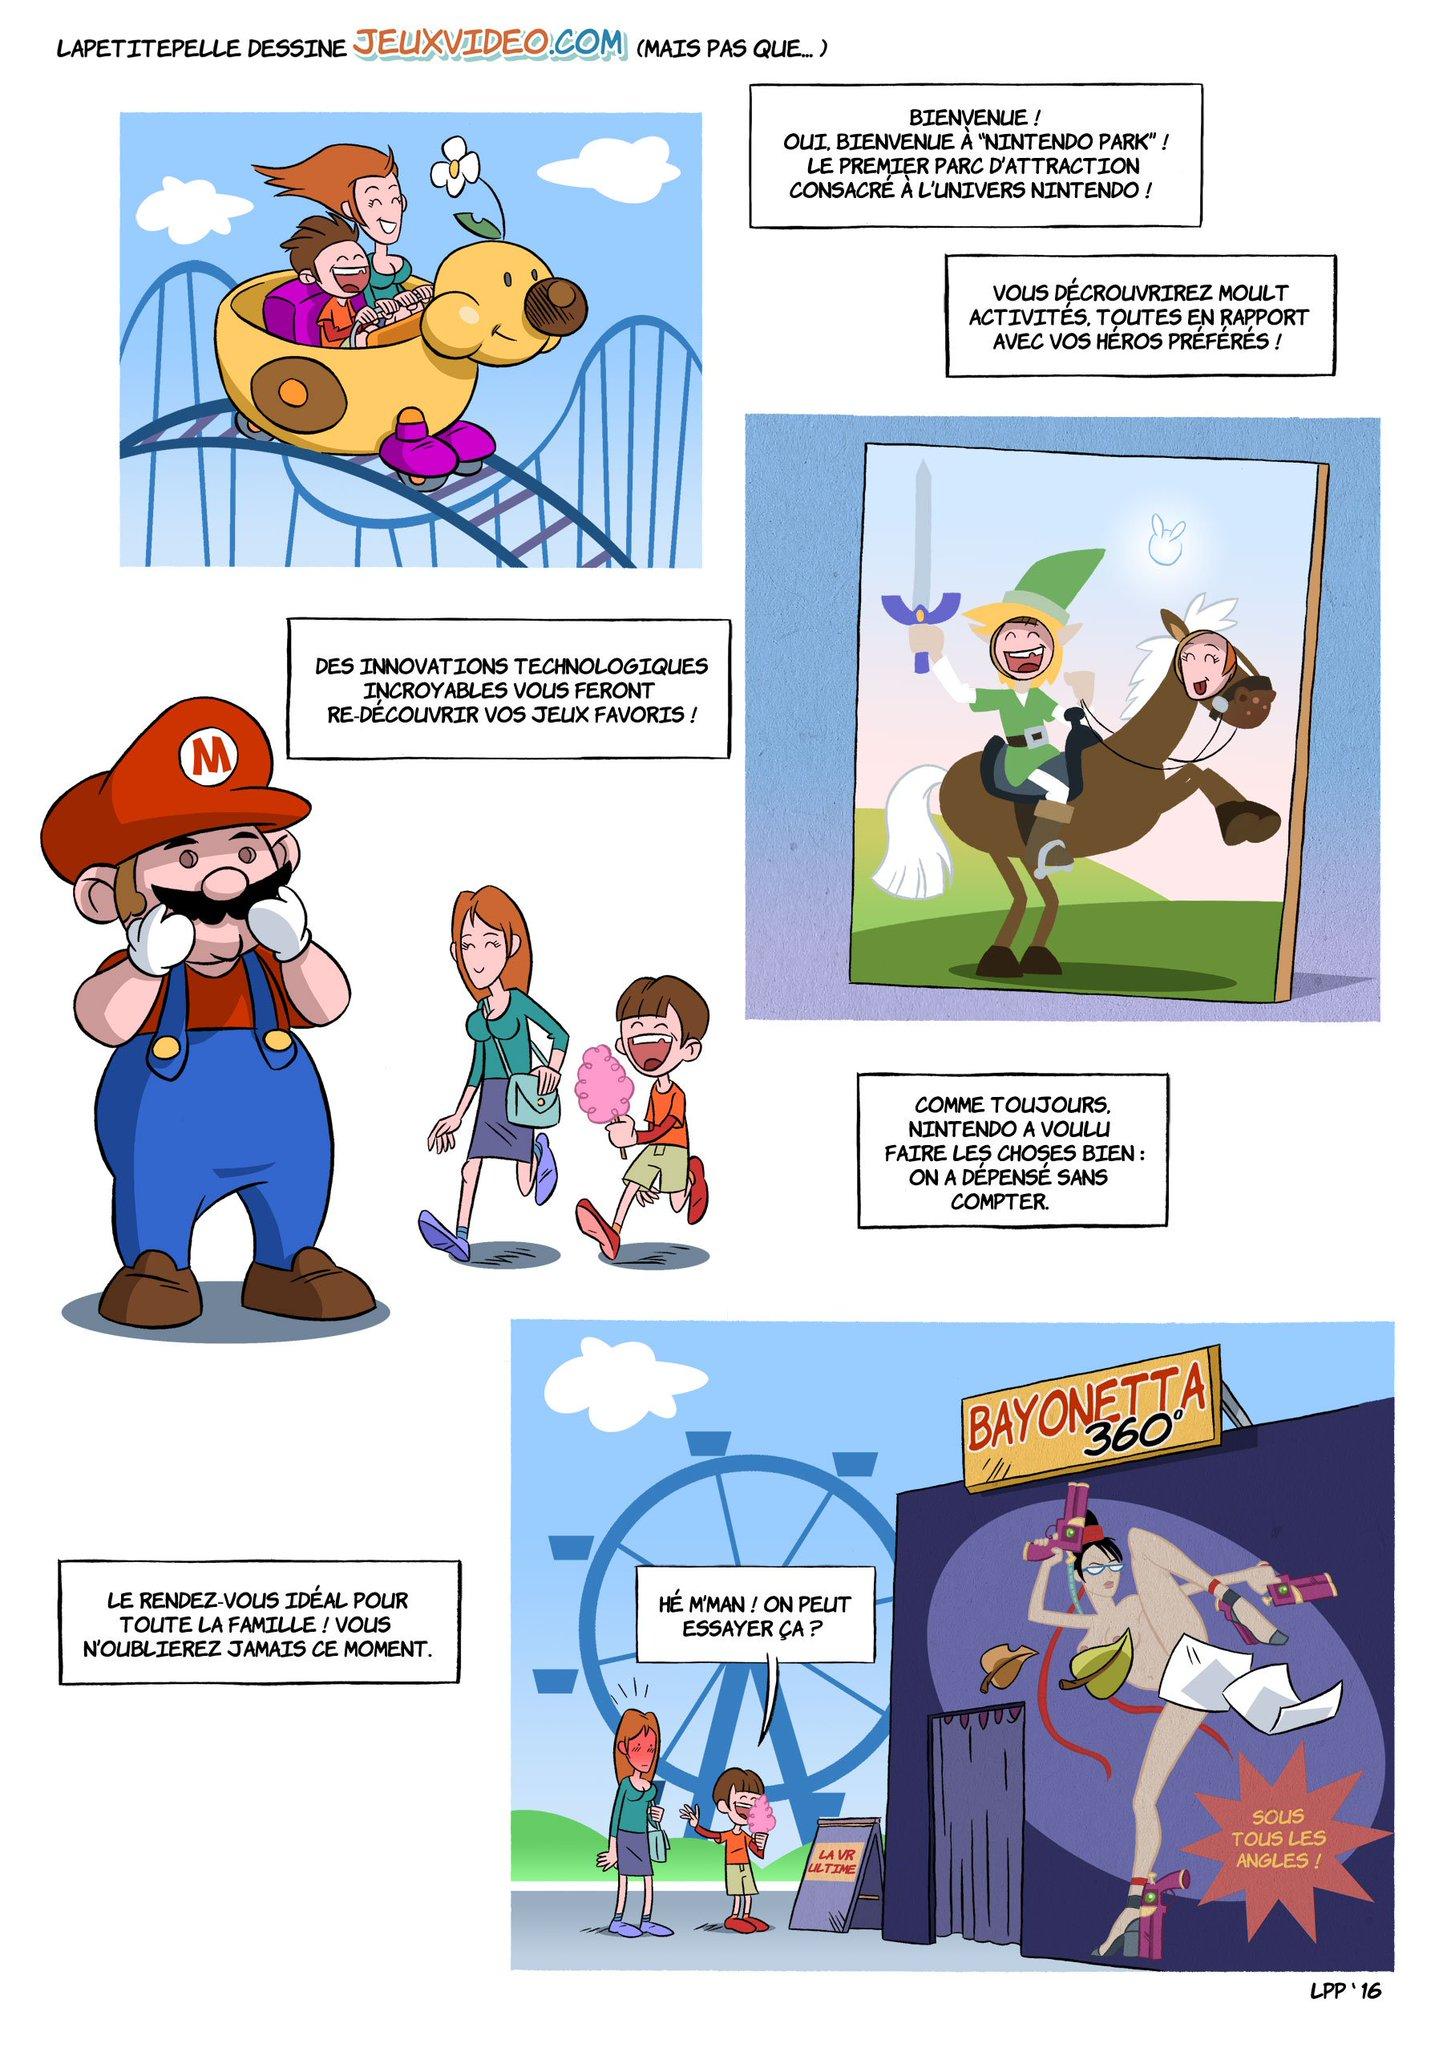 À quoi pourrait bien ressembler un parc d'attractions Nintendo ? @LaPetitePelle a la réponse ! https://t.co/dNzoLnWtpO